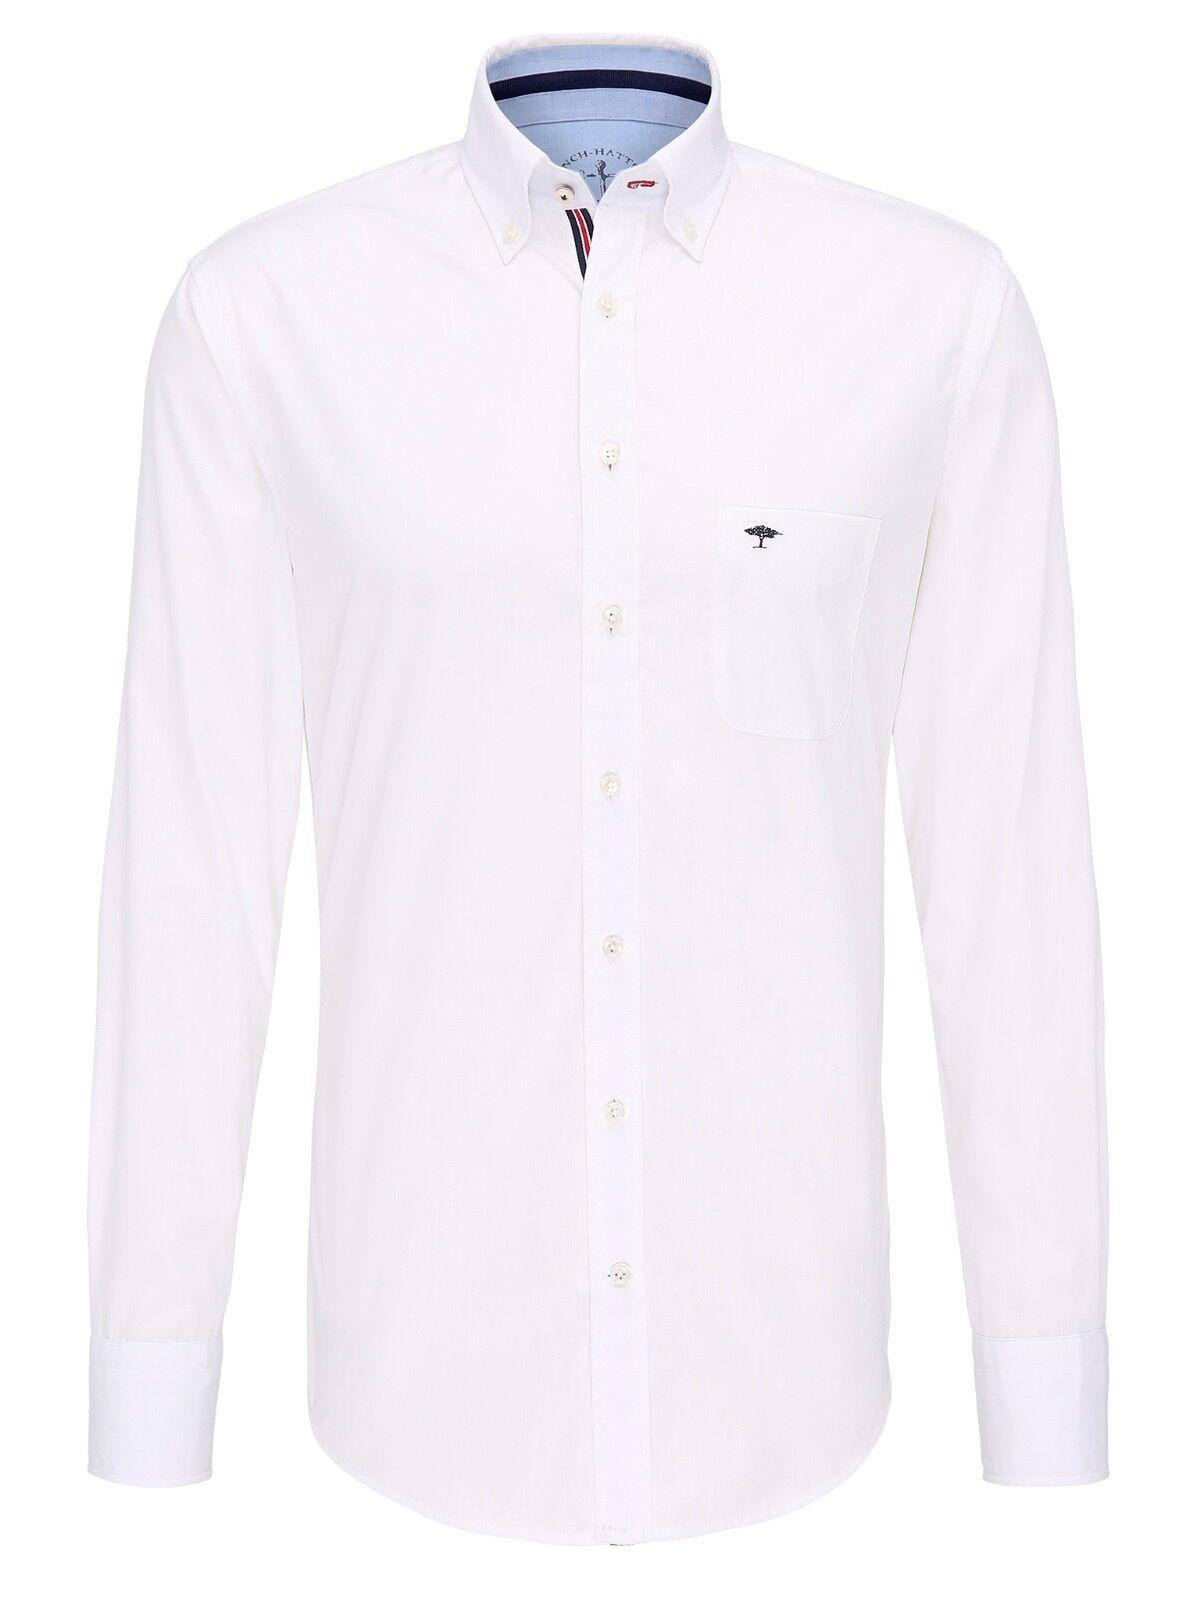 FYNCH HATTON® Maritime Twill Shirt Weiß - 2XL  | Kostengünstiger